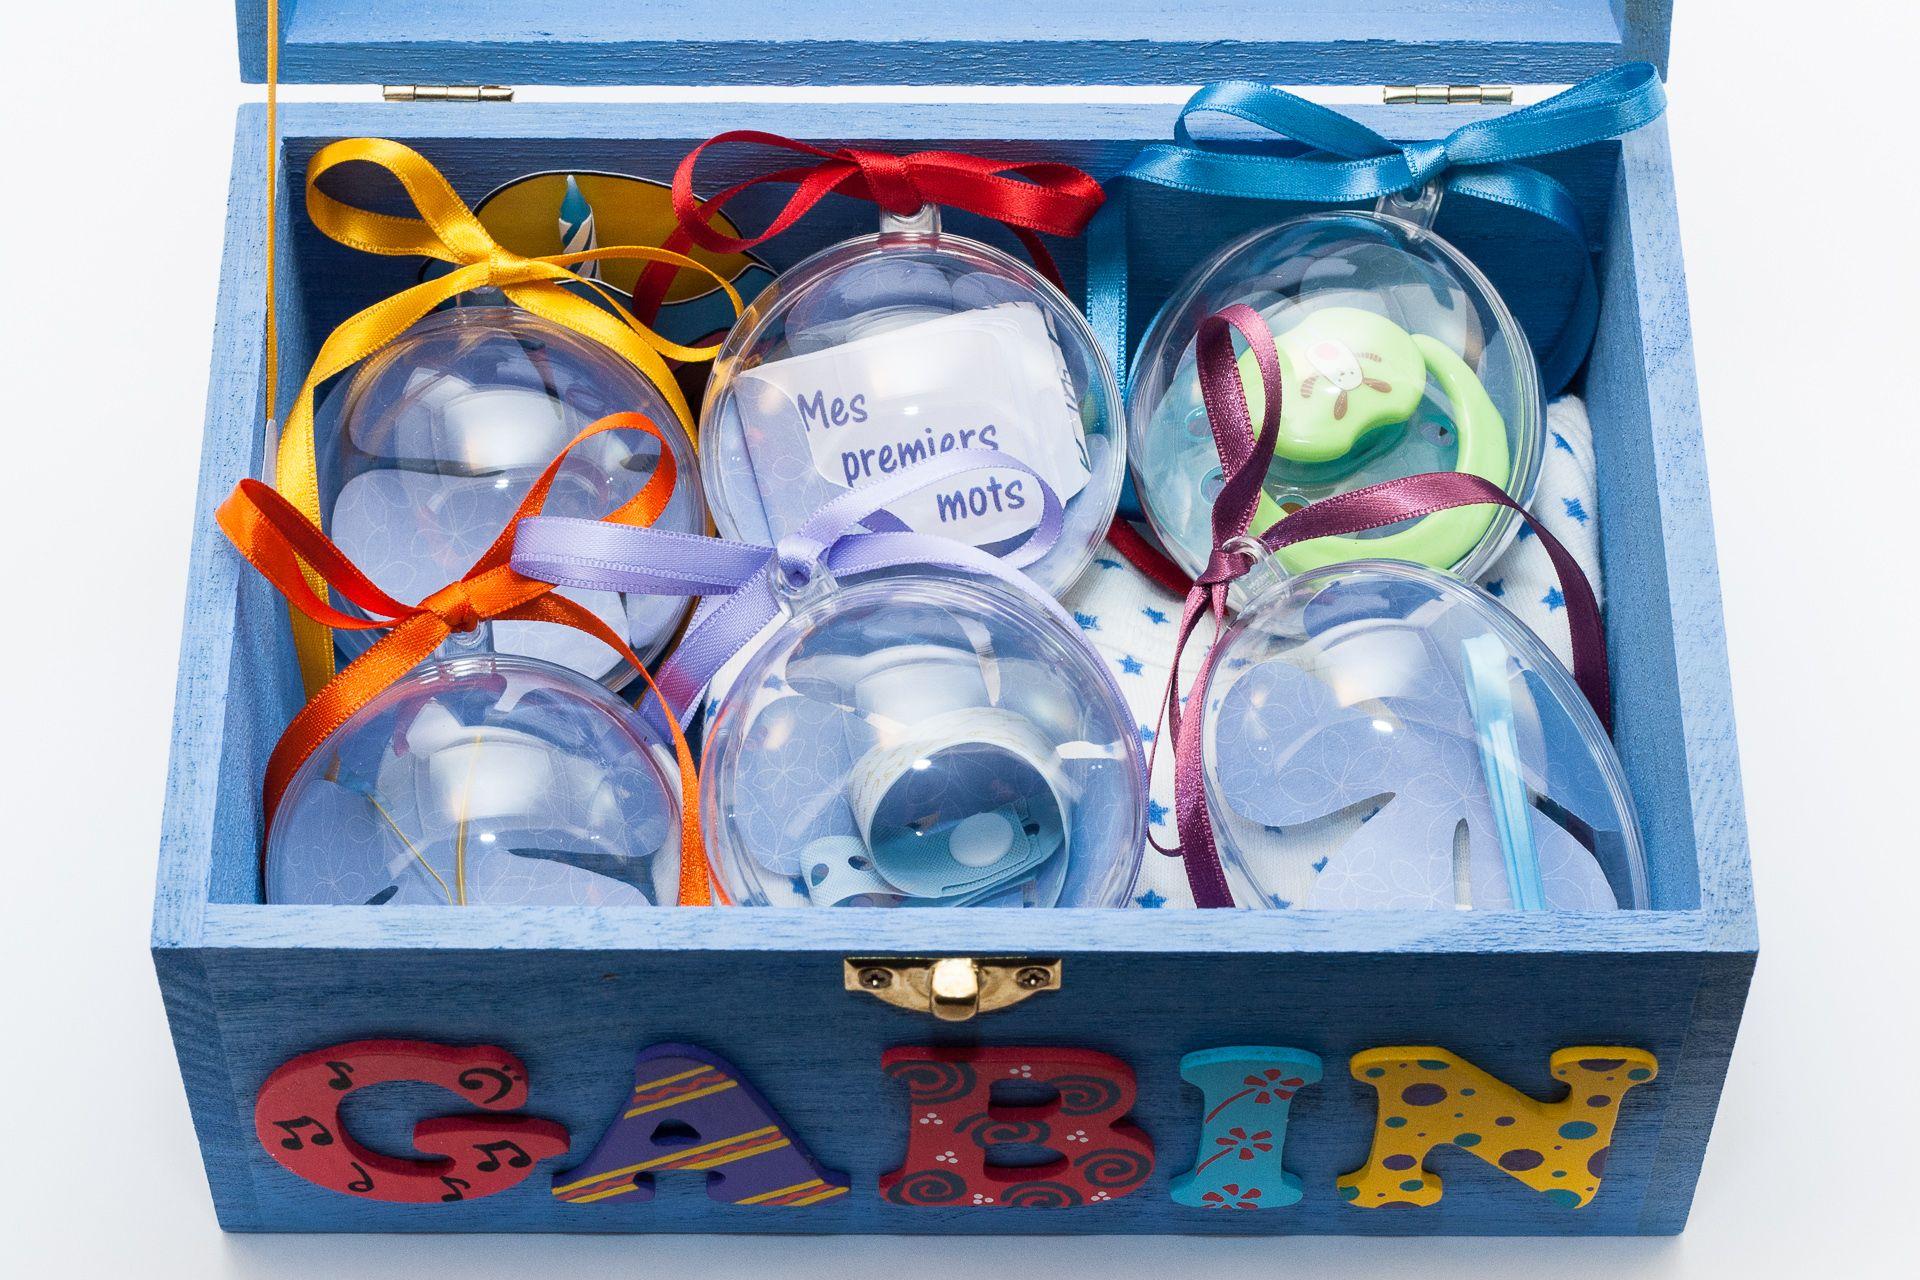 Coffret bleu ciel, prénom décoré Gabin, intérieur avec pochette cupcake et boules